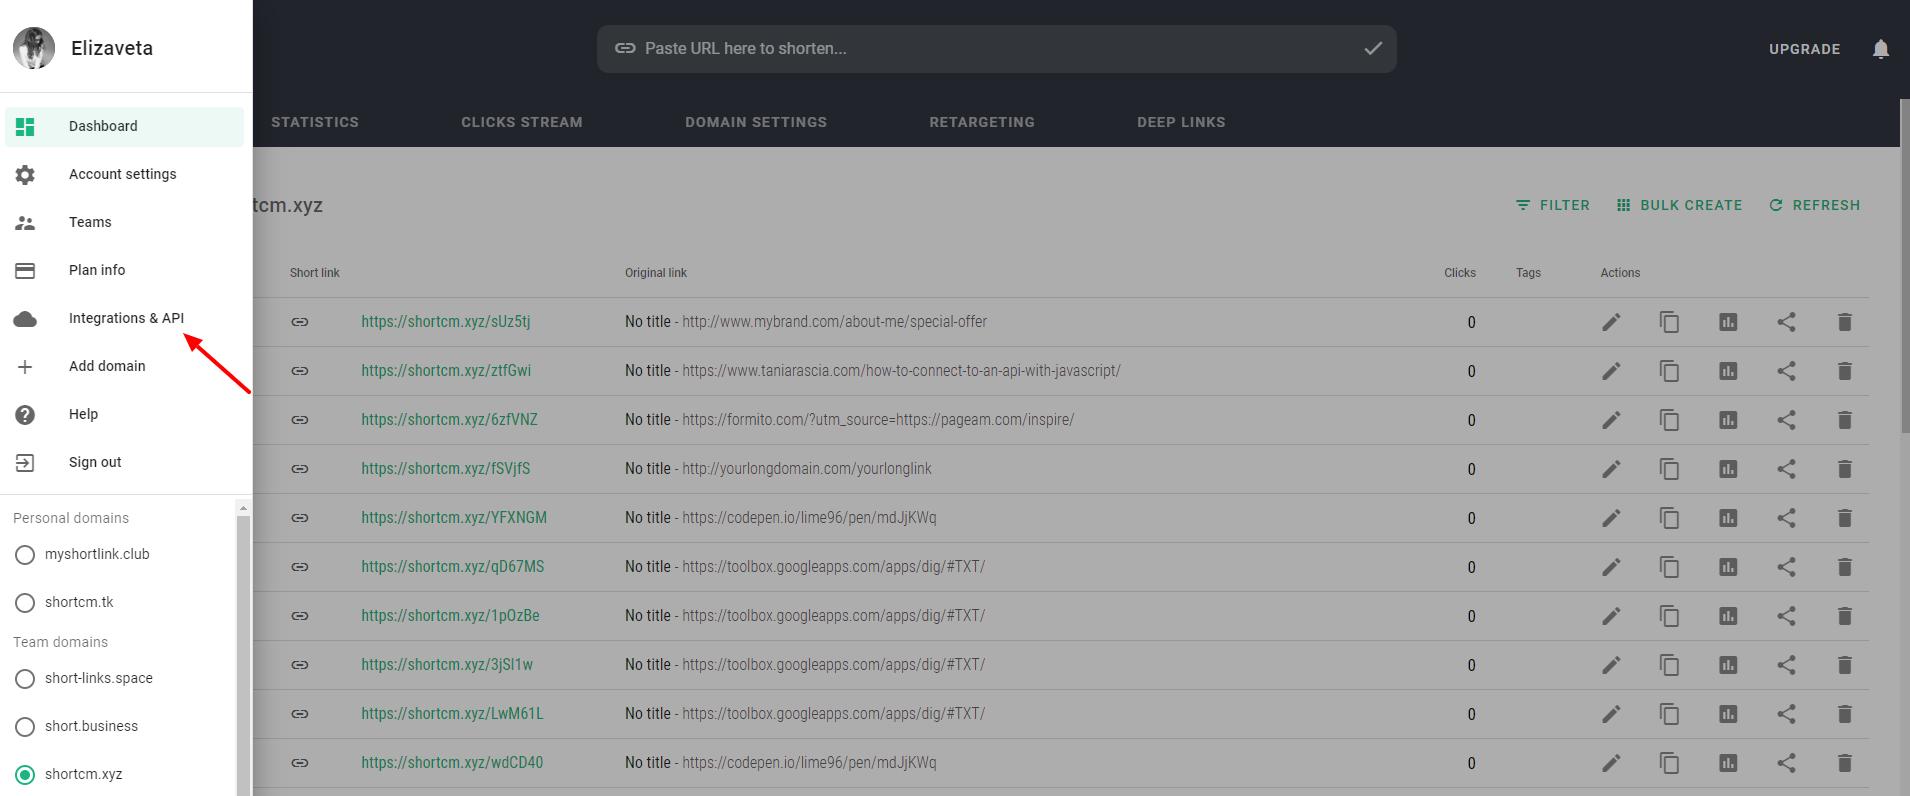 integrations-api-tab.png